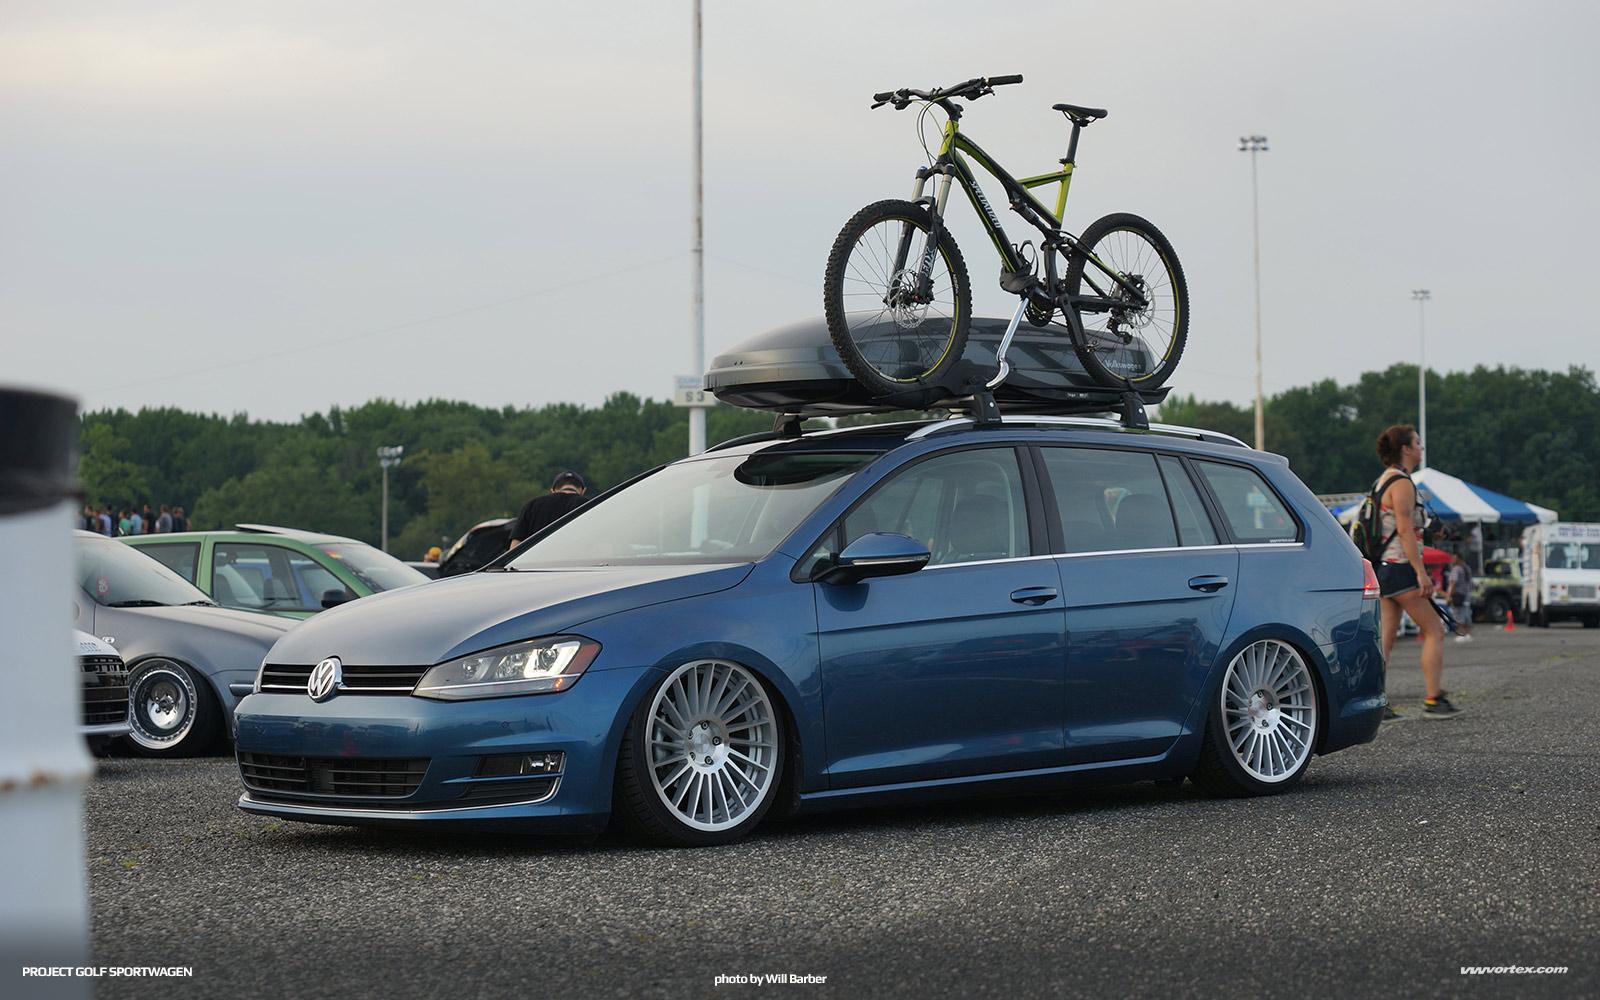 project-sportwagen-wheels-417